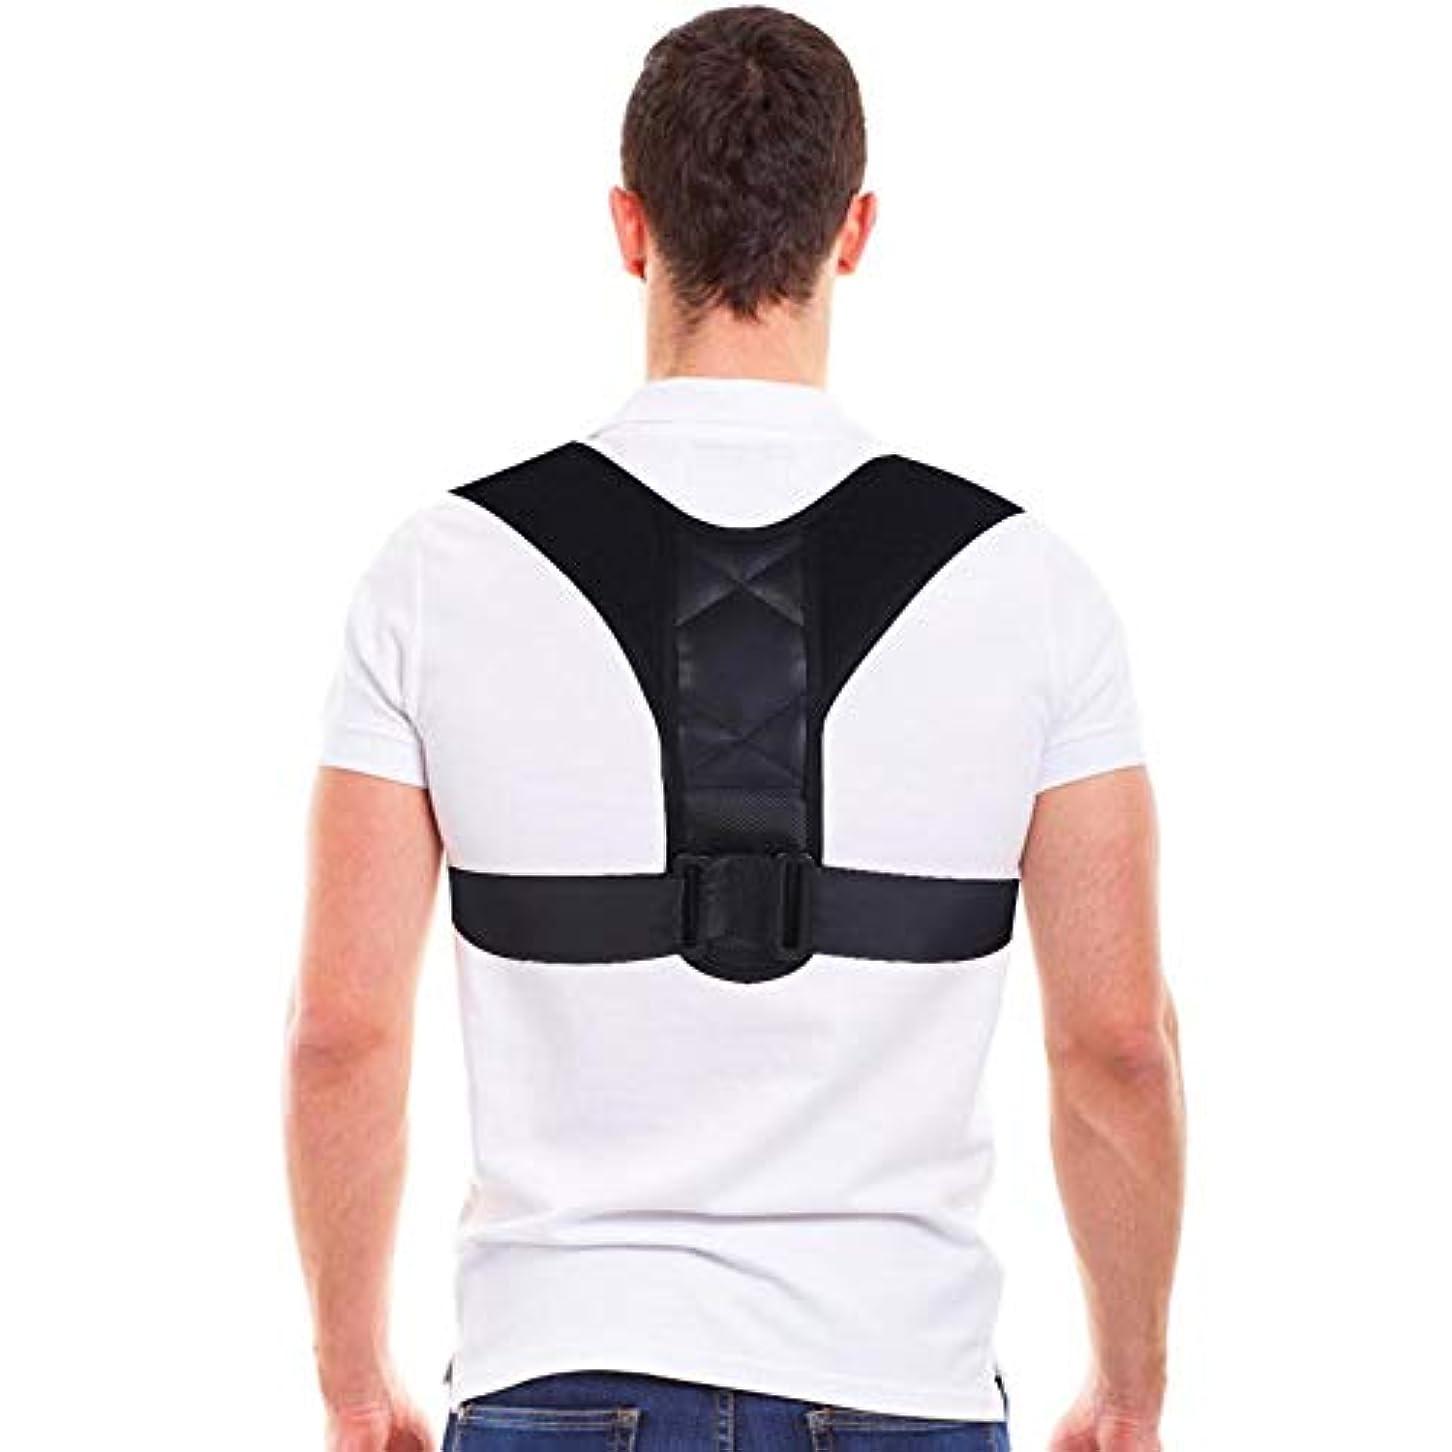 失敗リダクター無許可コレクター姿勢バックサポートベルト、8字型デザインの調節可能な鎖骨装具バンド、男性と女性の姿勢、腰痛予防、腰痛予防